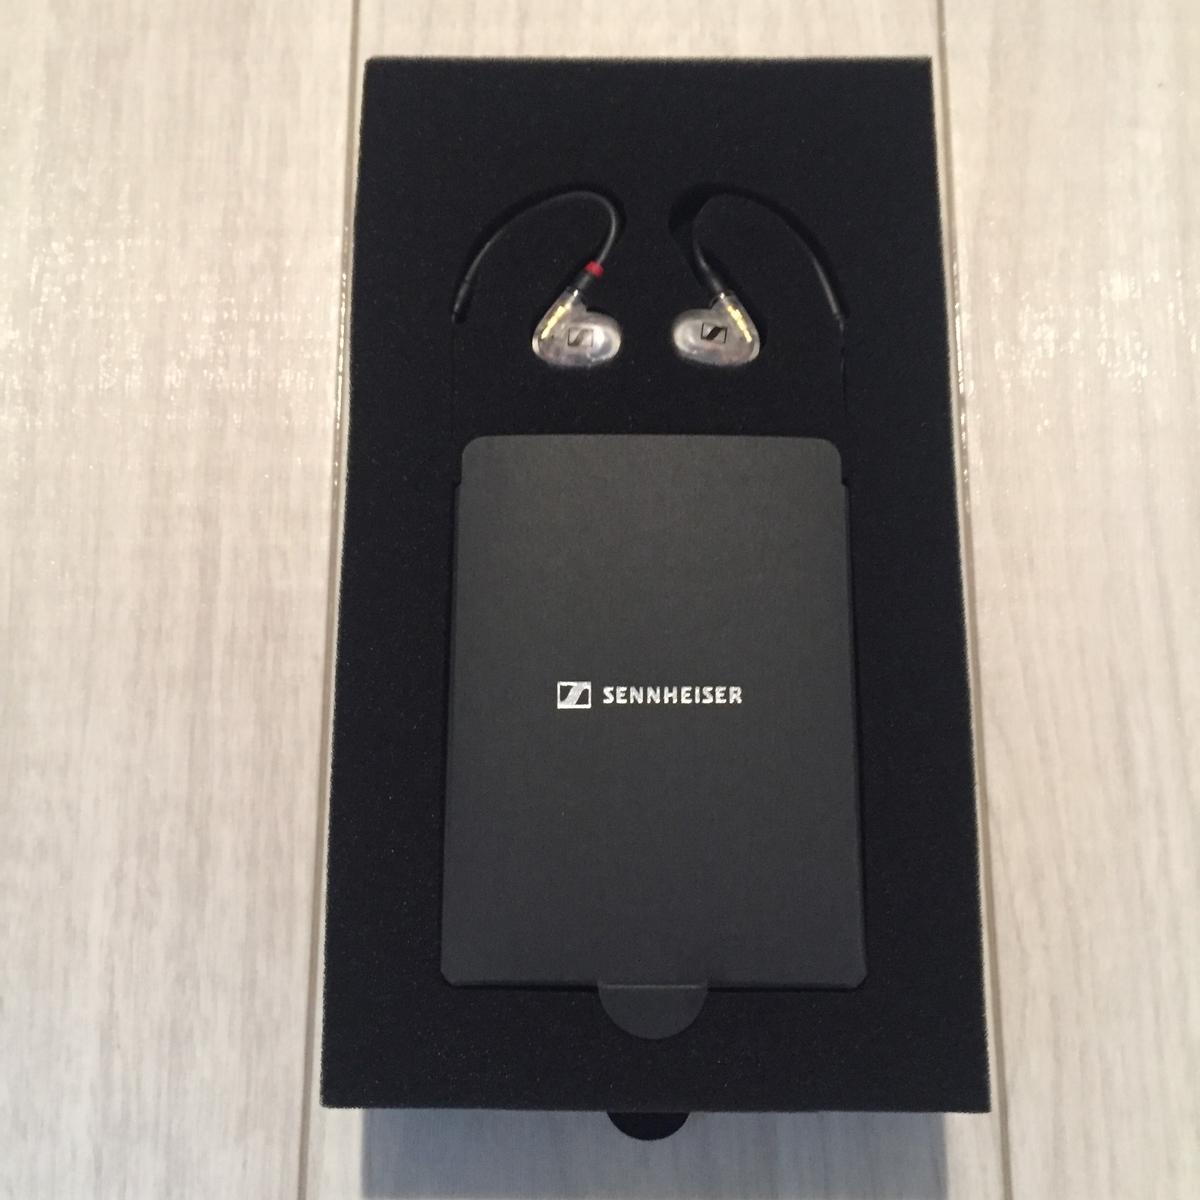 SENNHEISER ( ゼンハイザー ) / IE 40 PRO クリア イヤホン モニタリング DTM 音質 高音質 ヘッドホン Bluetooth 有線 音楽